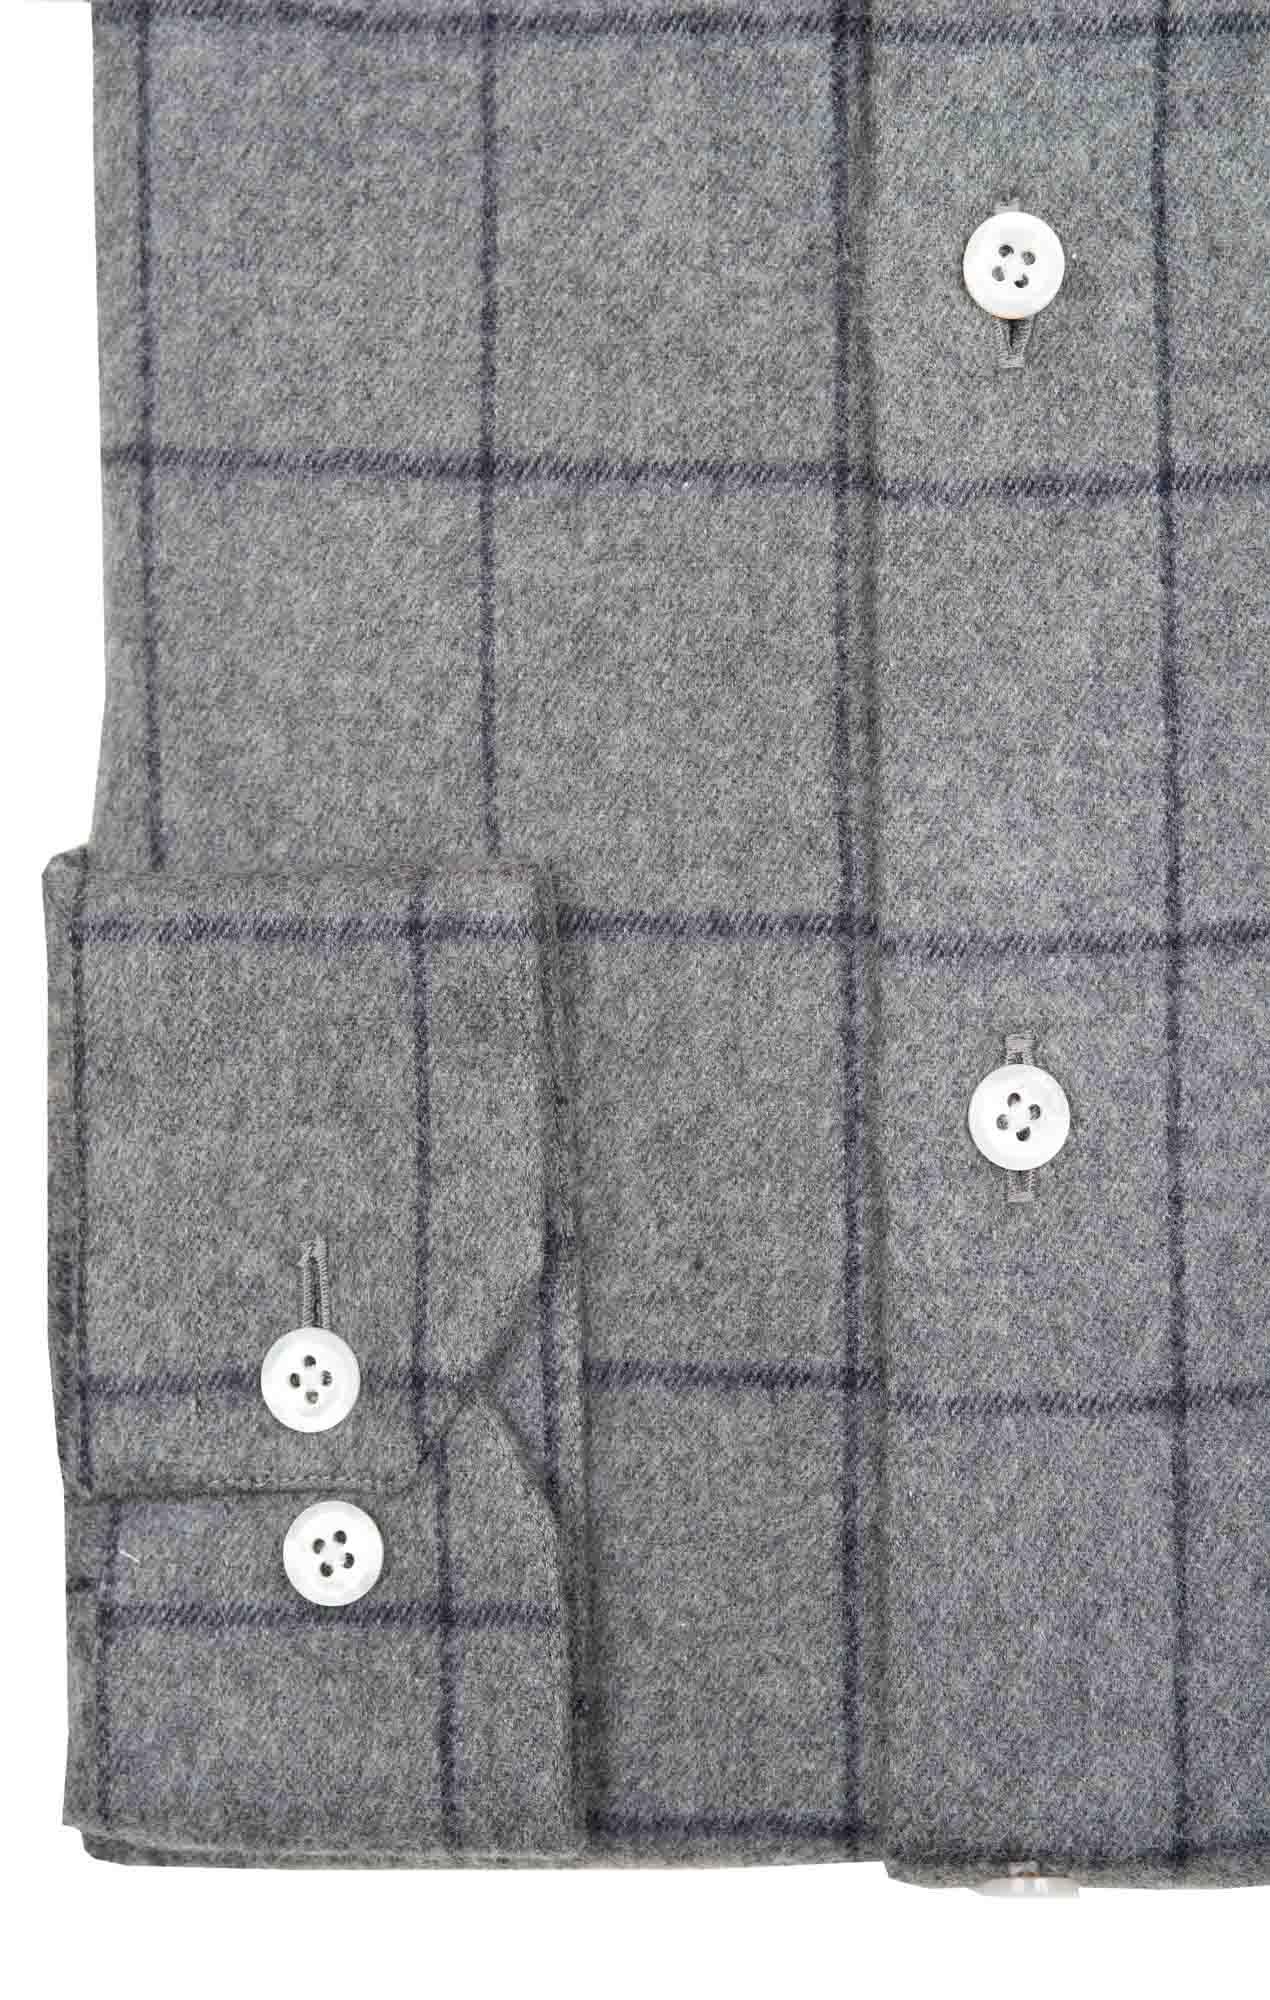 Grey flannel shirt